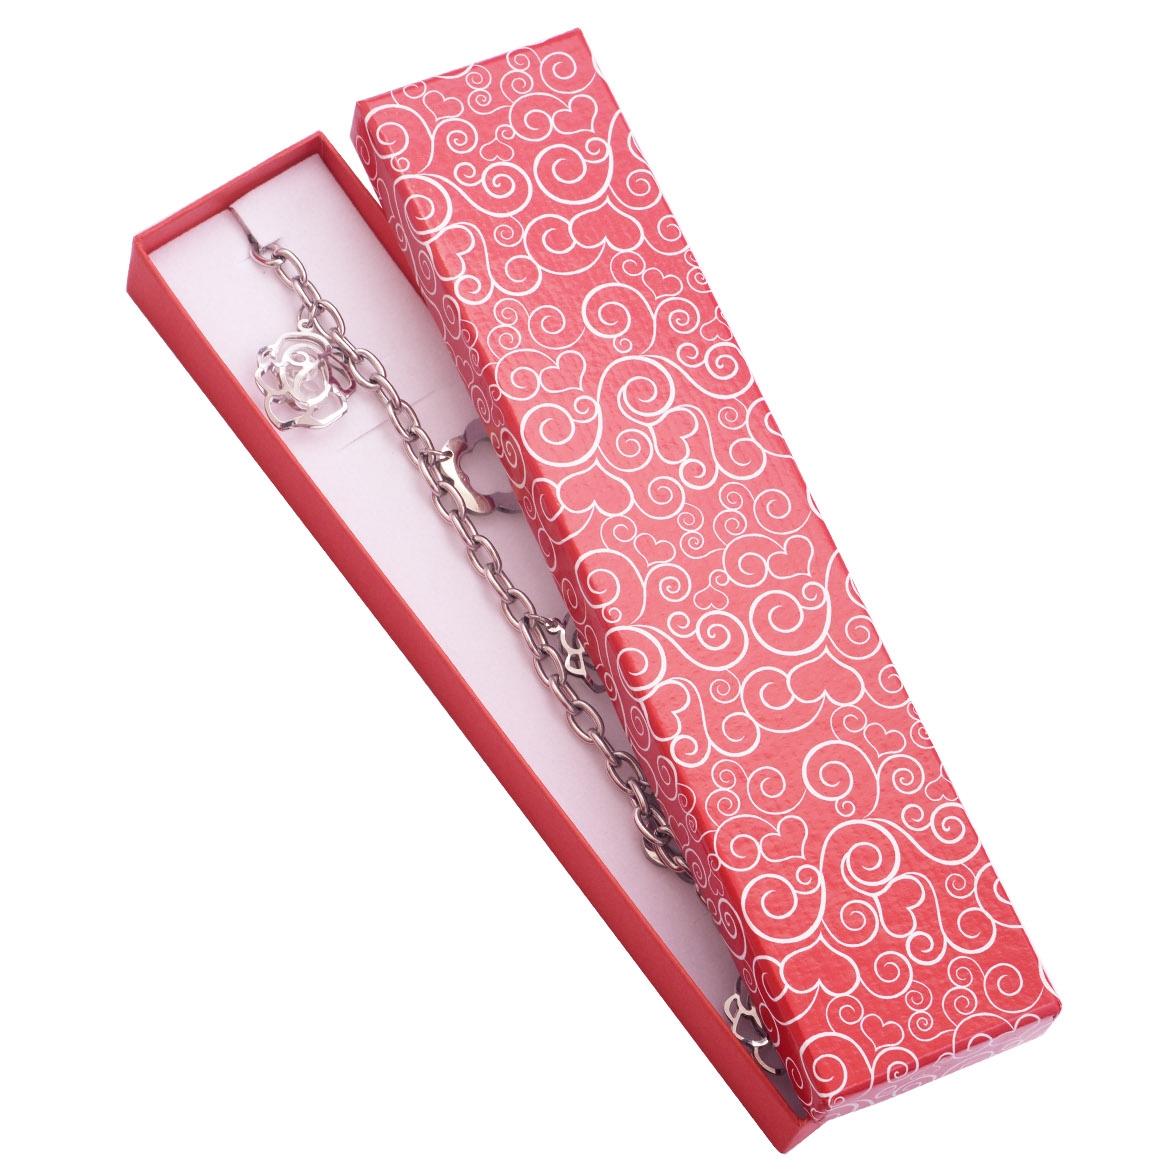 Dárková krabička na náramek se srdíčkovými ornamenty